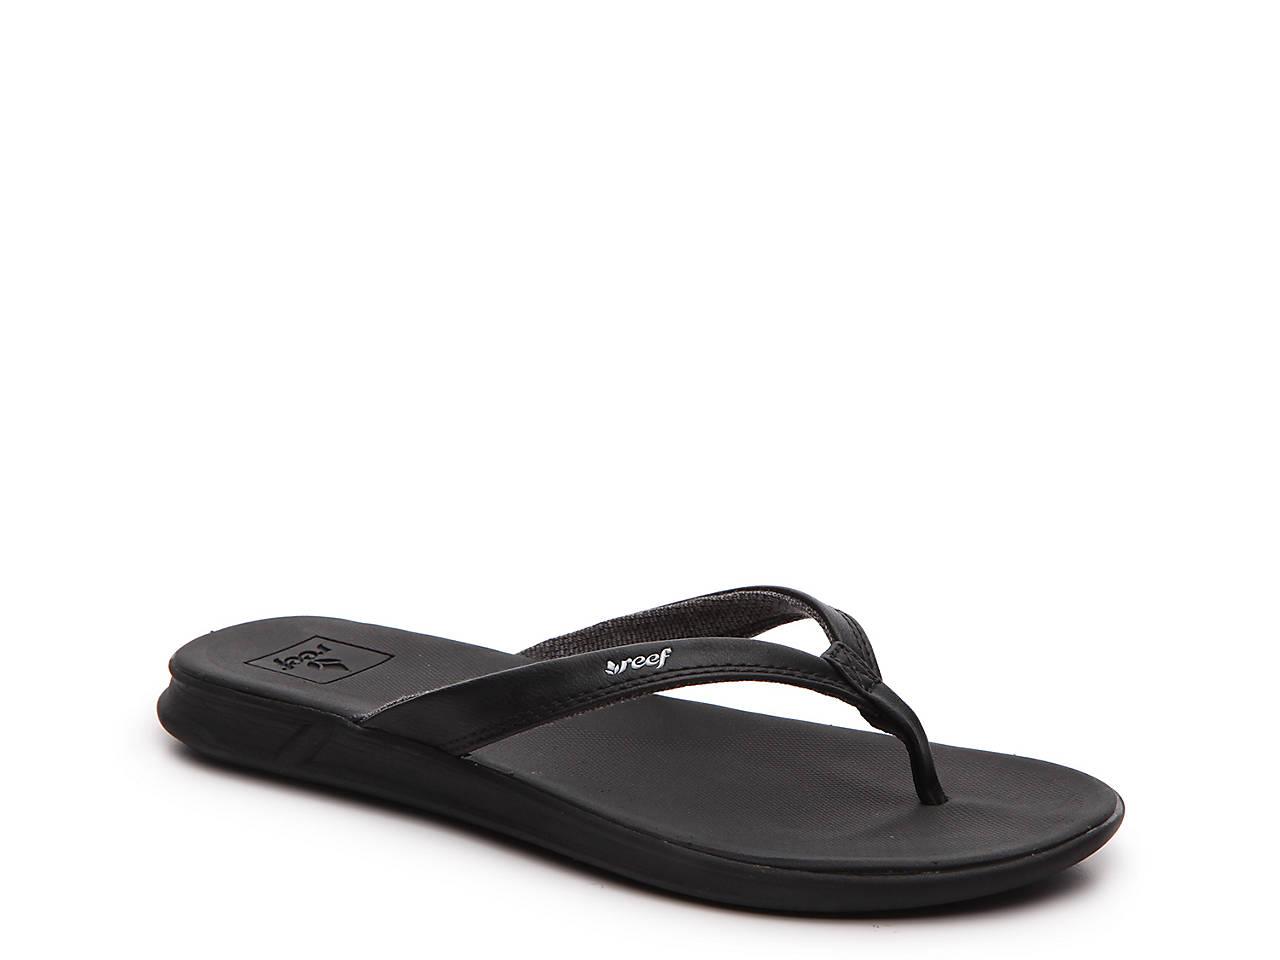 9e9f4097d3d4 Reef Rover Catch Flip Flop Women s Shoes